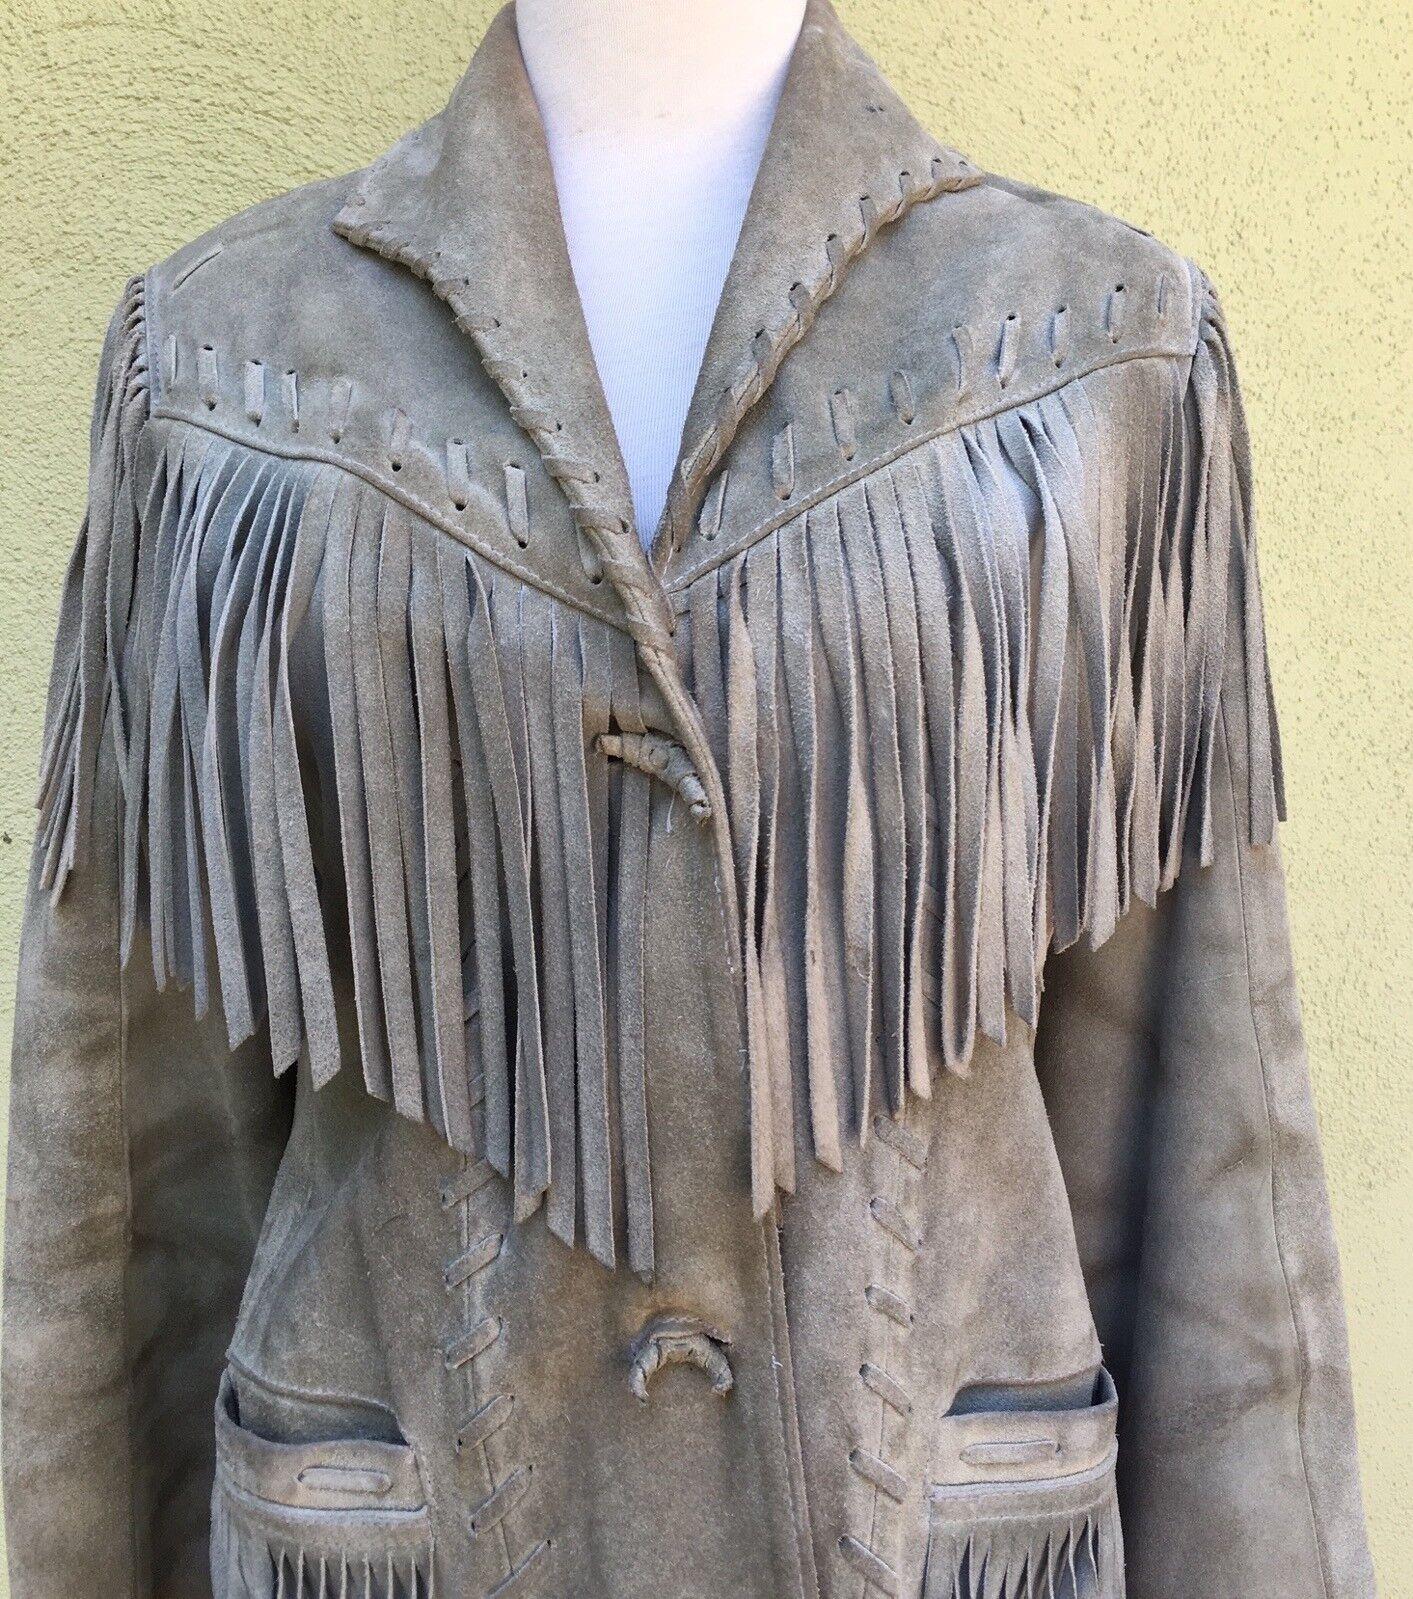 Vintage Western Fringed Leather Jacket - image 2